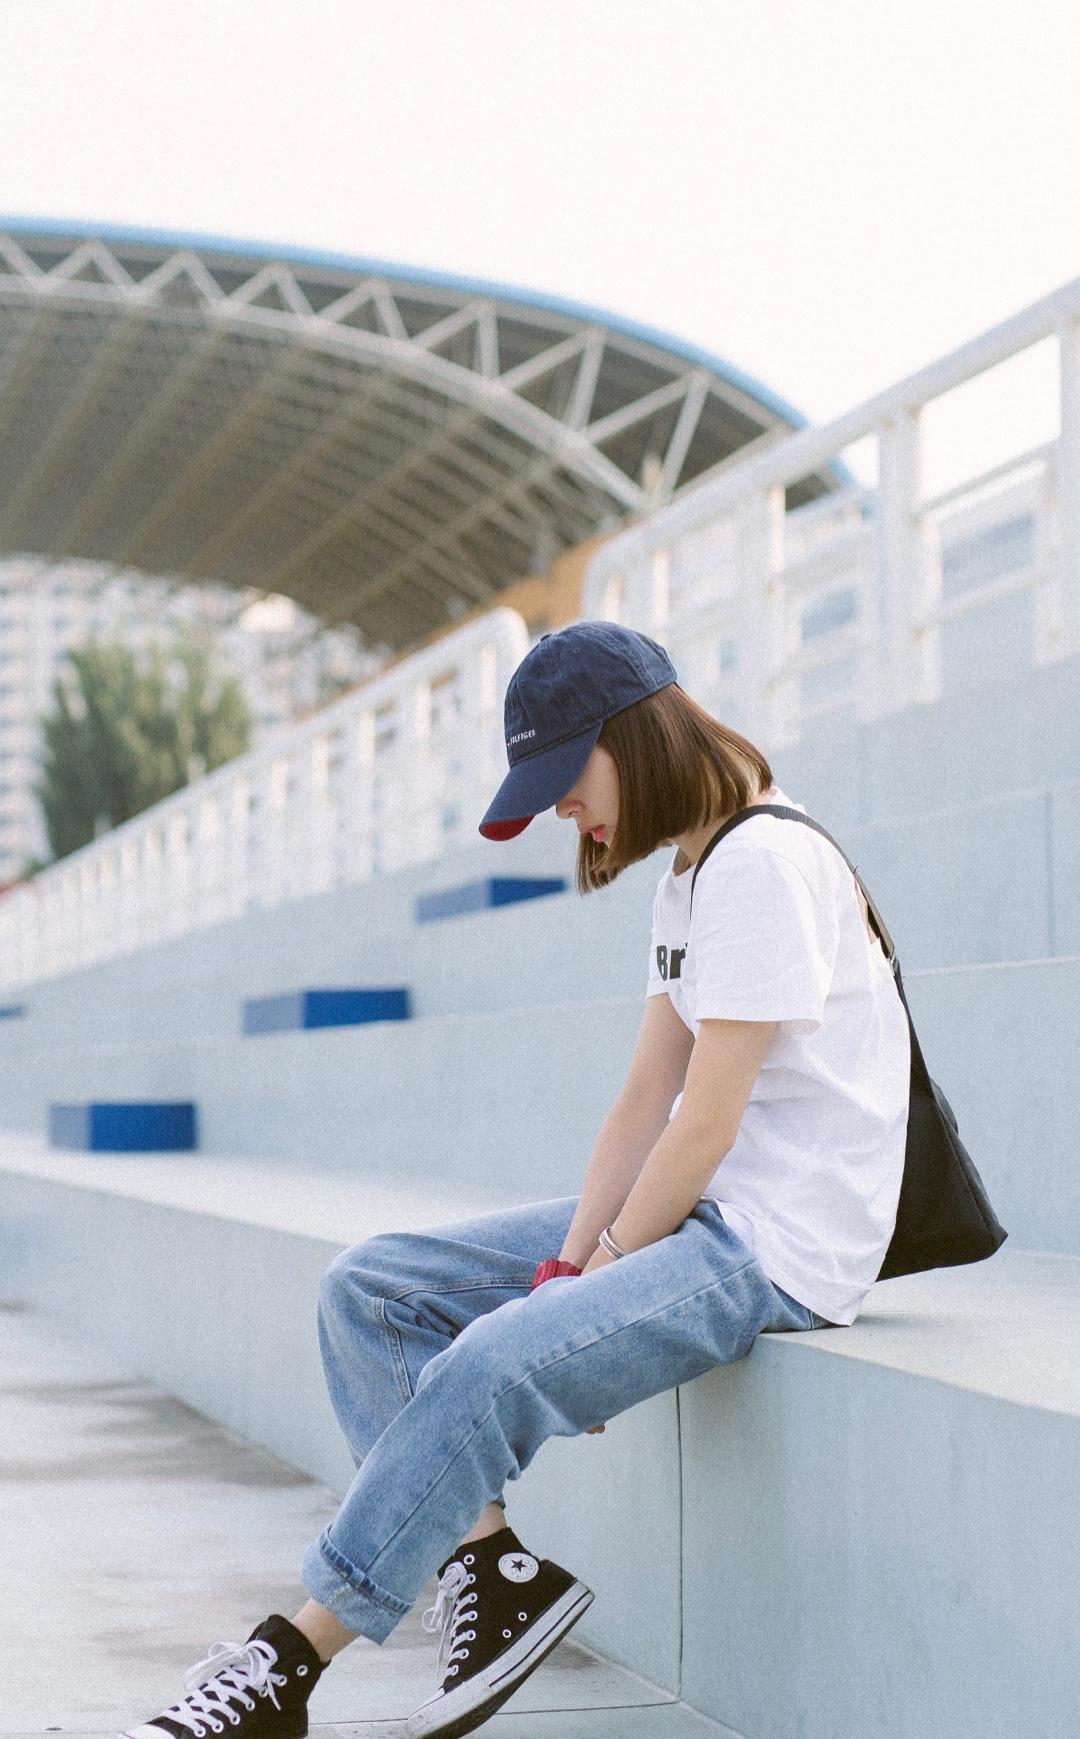 夏天清爽搭配,白体恤依然是最佳选择,牛仔裤可以挽起来穿,也可以全部放下做日系风格,帆布鞋舒适又好看,颜色比较浅的穿搭可以穿一双红色的布鞋呢,get起来吧#今年的T恤怎么这么好看?!#